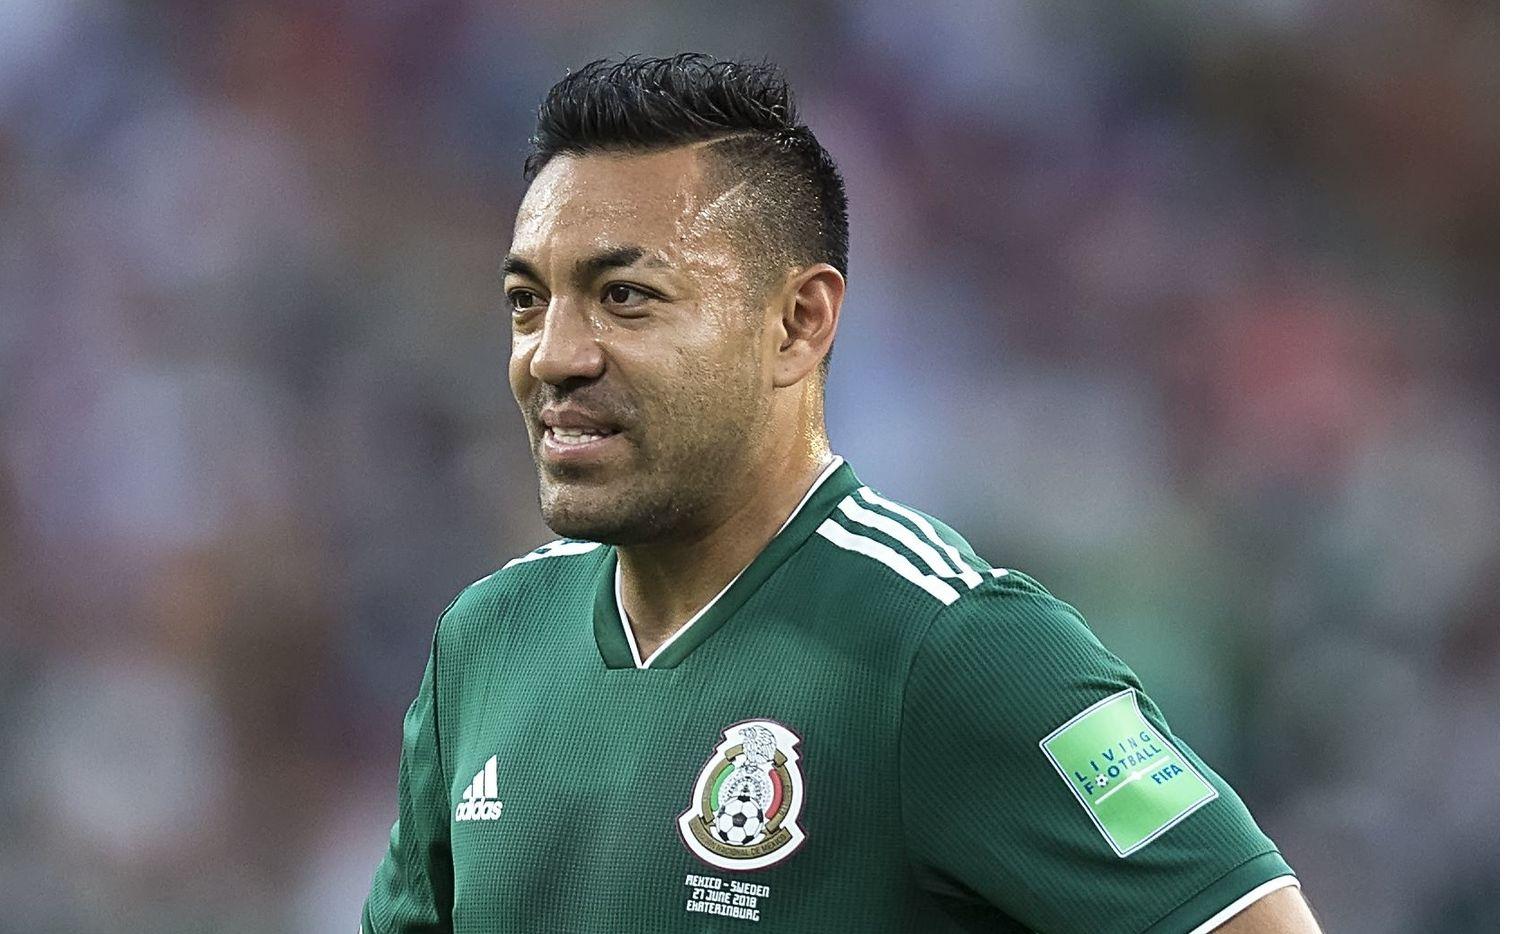 El mediocampista mexicano Marco Fabián publicó en Instagram que contrajo covid-19.